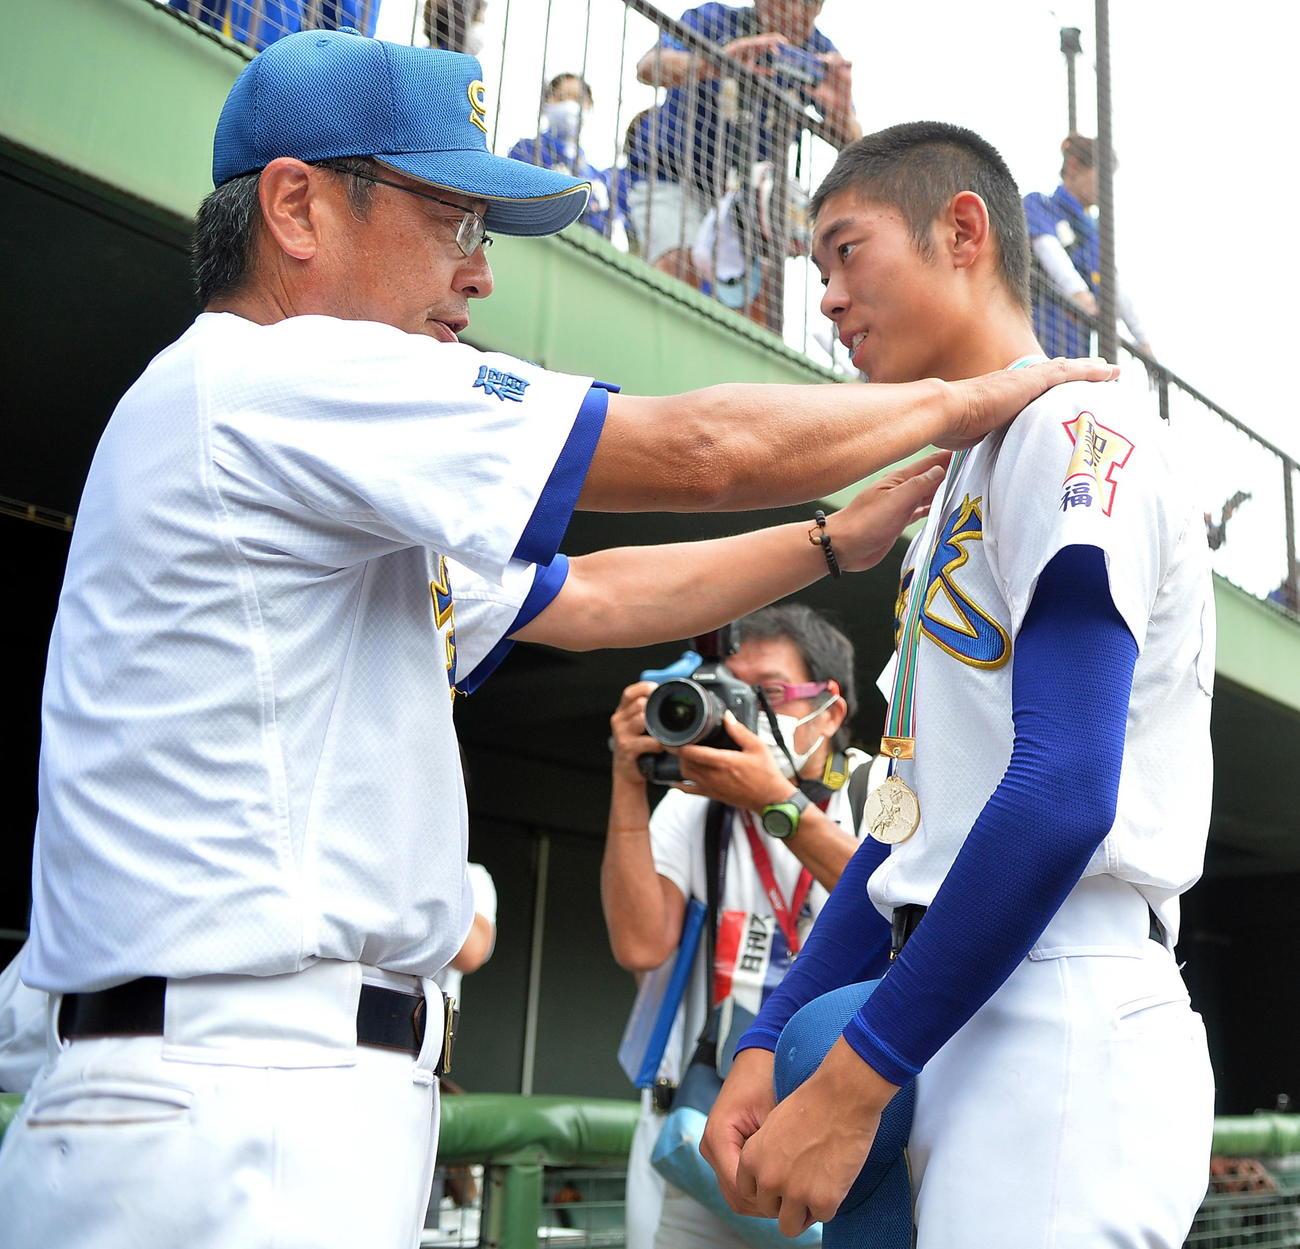 昨年8月7日、福島独自大会で優勝して斎藤監督(左)から金メダルをかけられ笑顔を見せる聖光学院・舘池